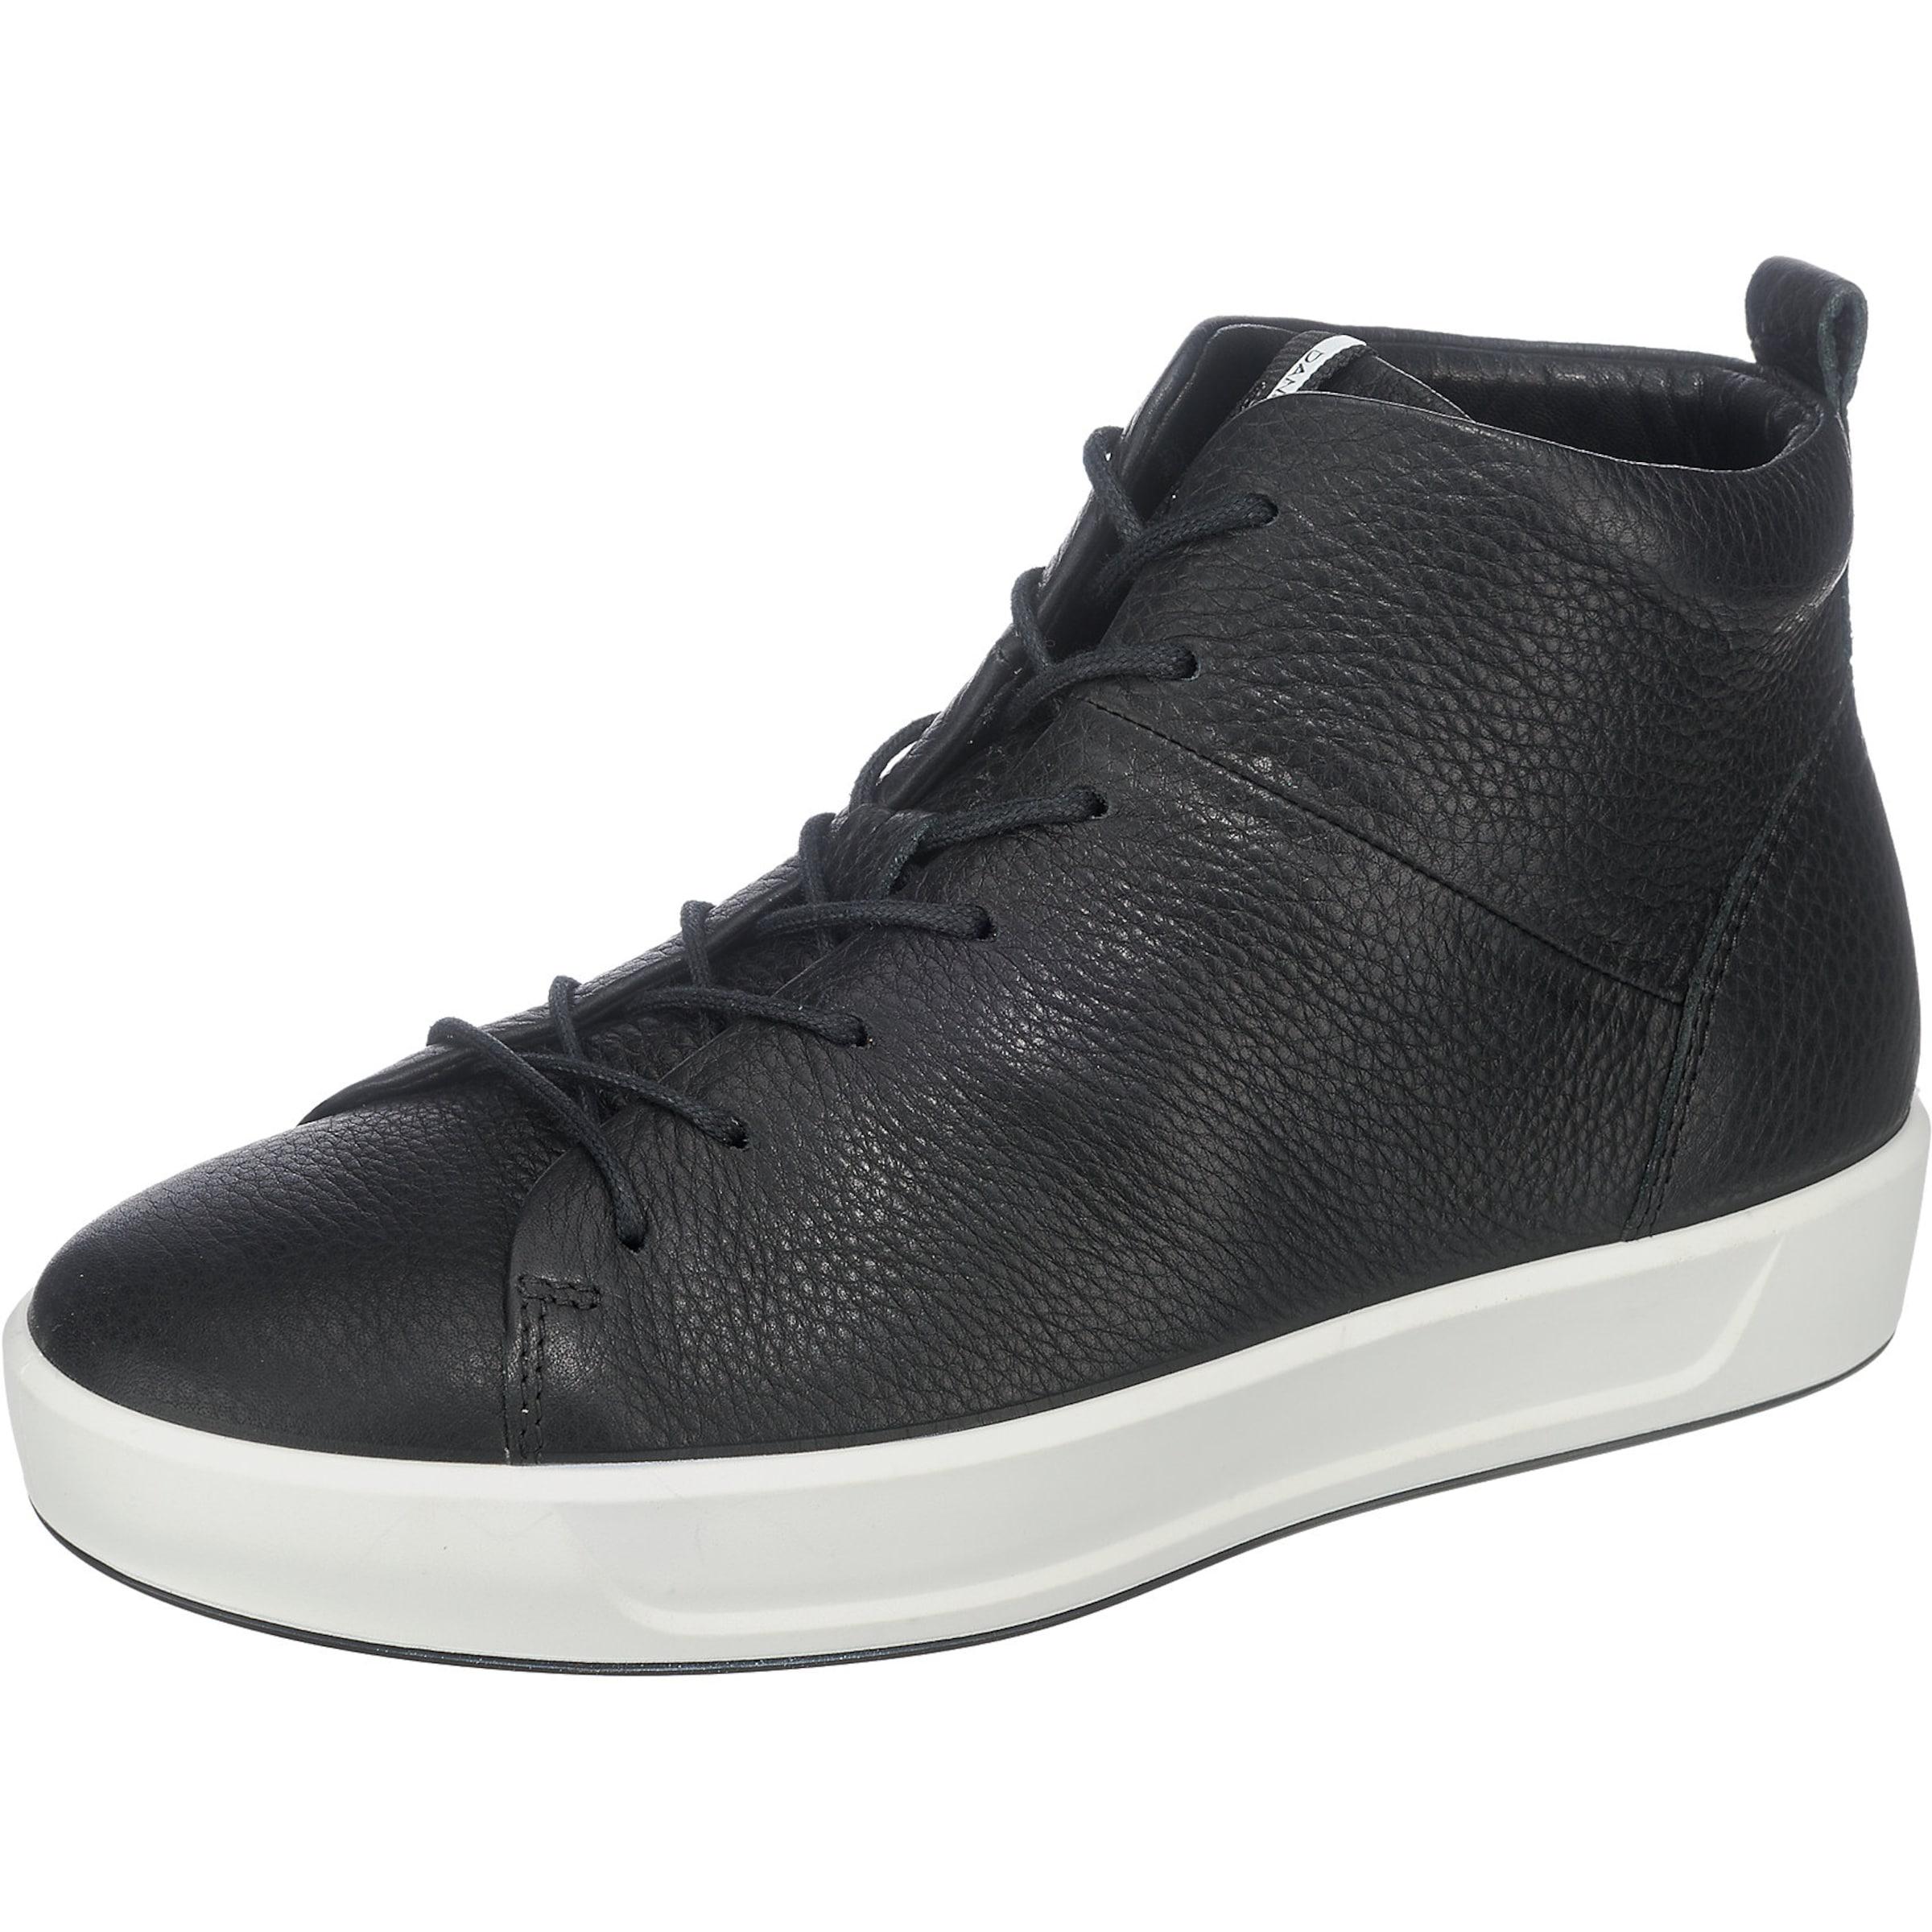 ECCO Soft 8 Sneakers Verschleißfeste billige Schuhe